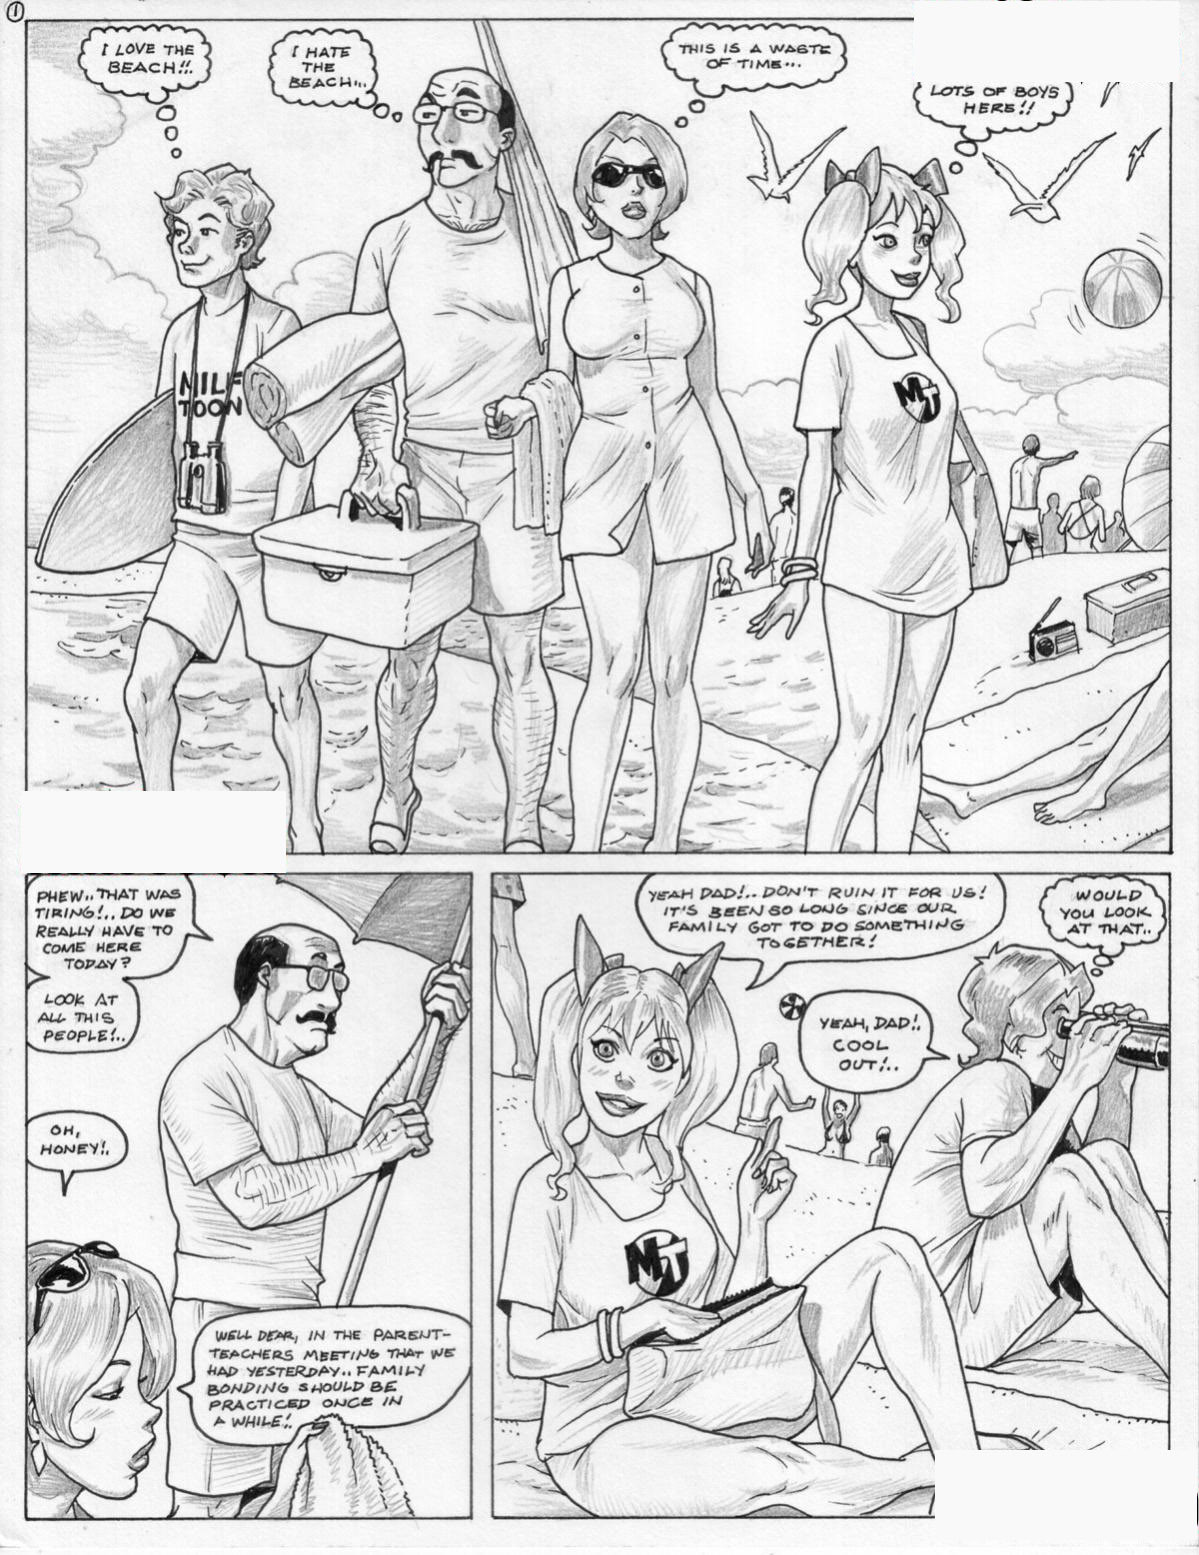 D&d cartoon porn pics sexual photo